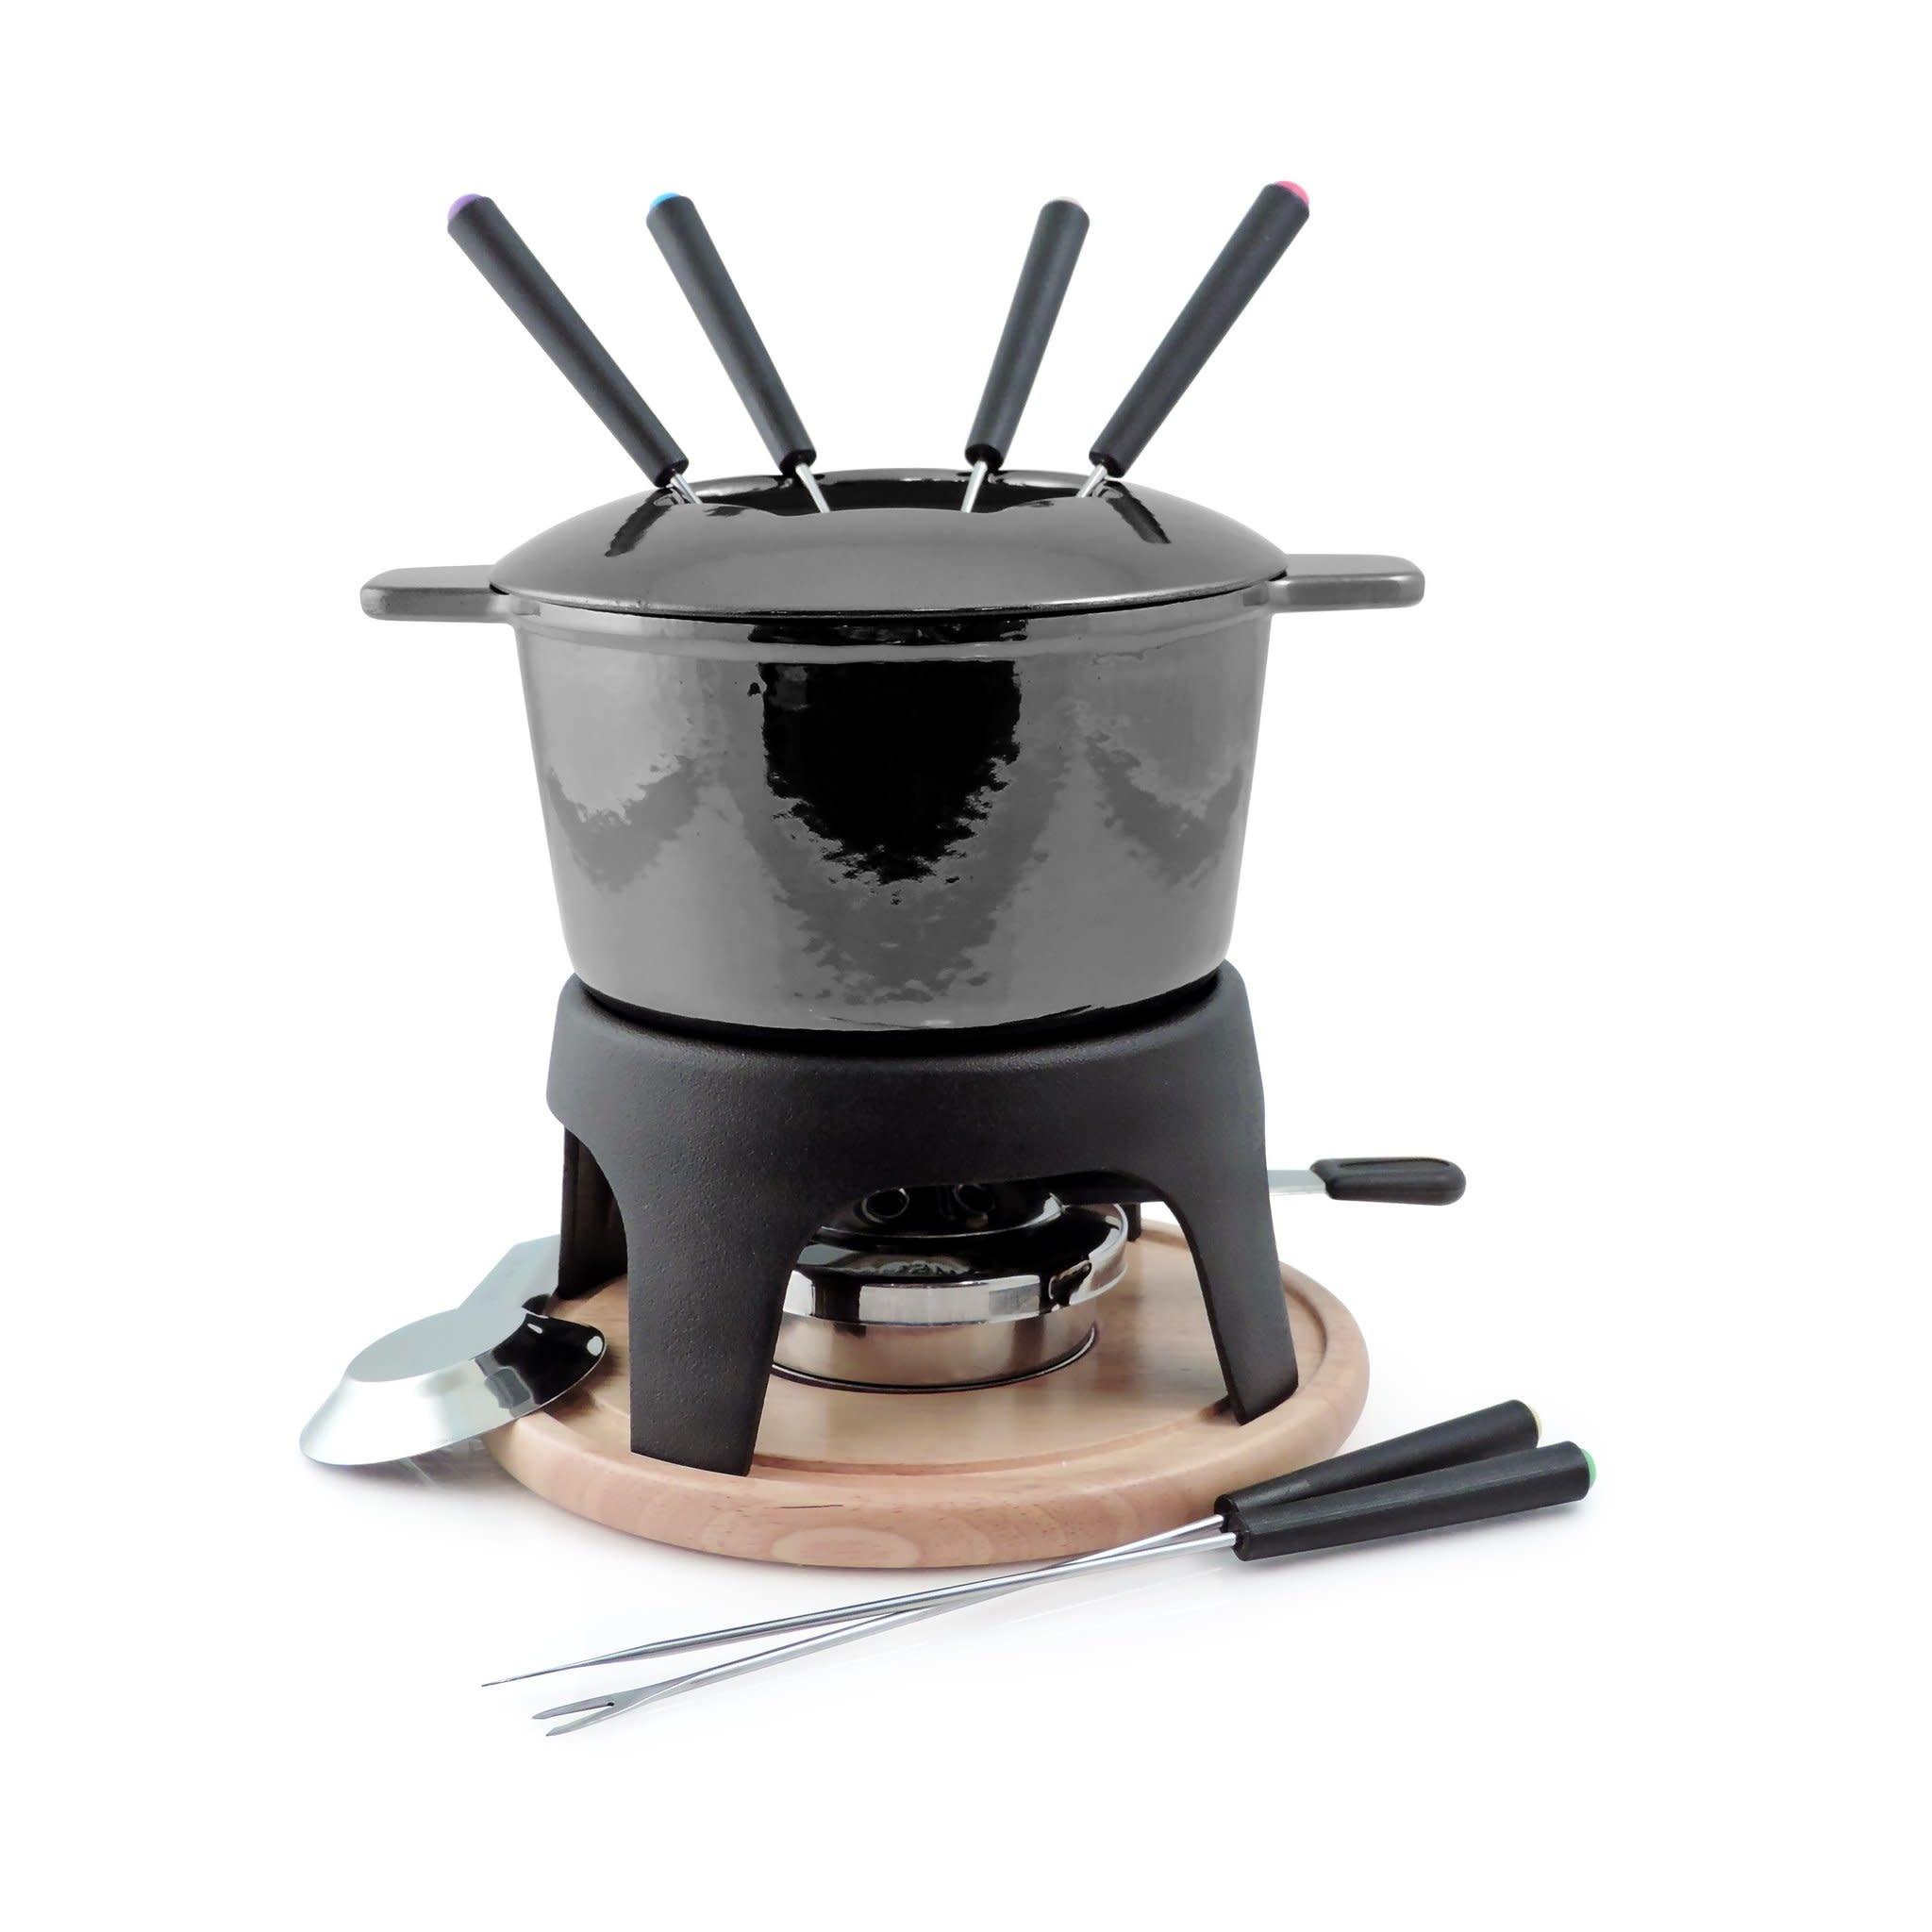 Swissmar Fondue Pot - Cast Iron Sierra 11pc Set, Metallic Black